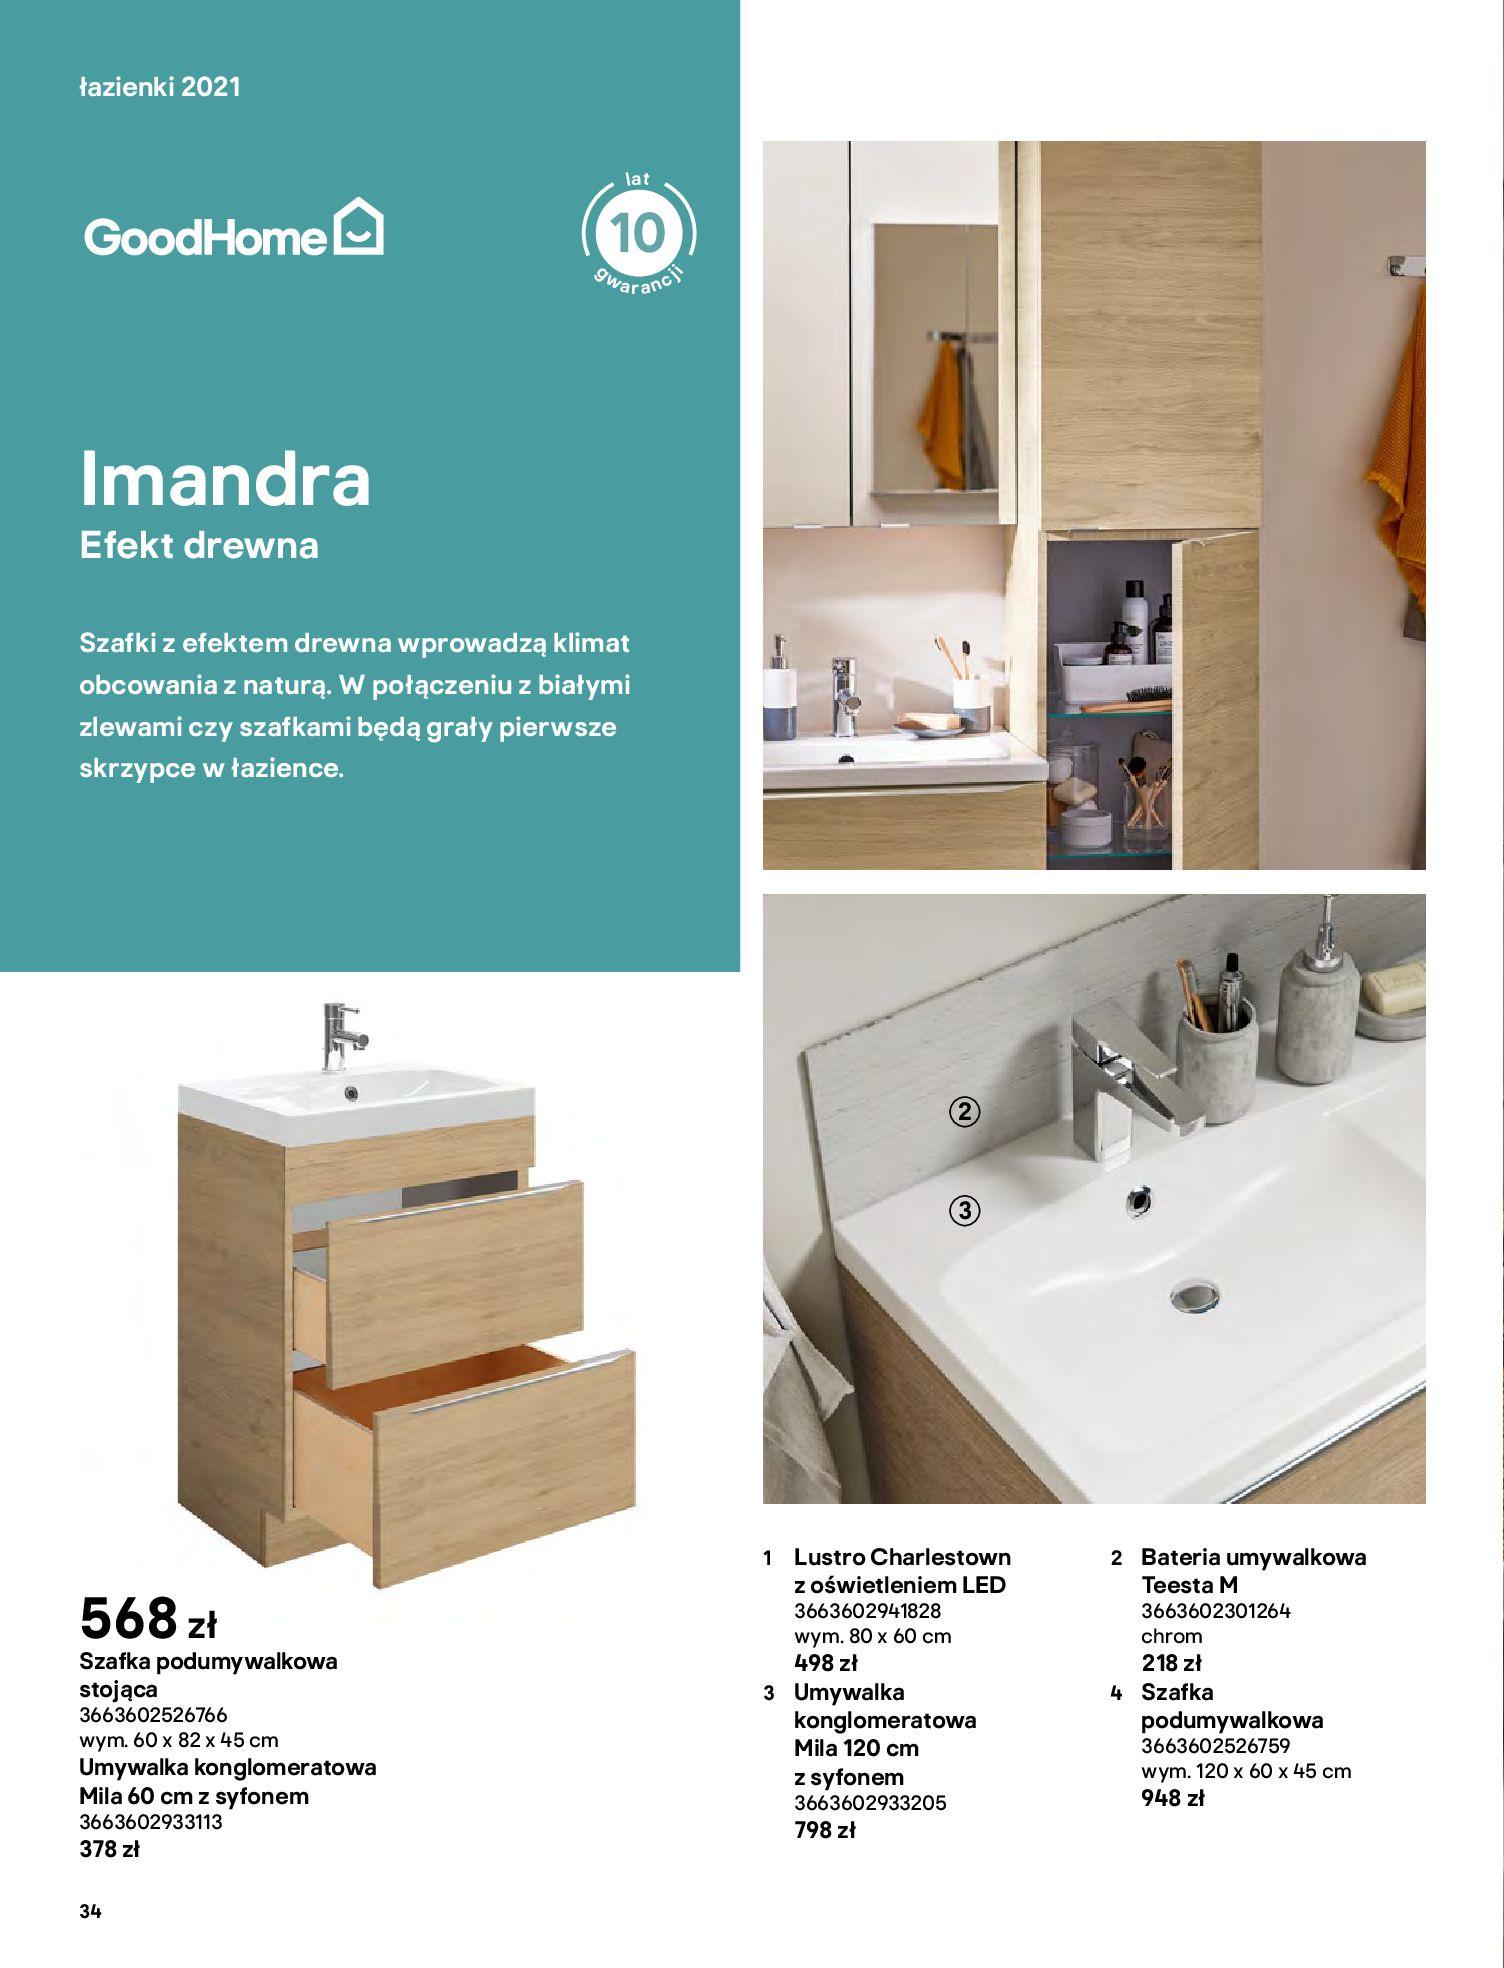 Gazetka Castorama: Gazetka Castorama - katalog łazienki 2021 2021-06-16 page-34